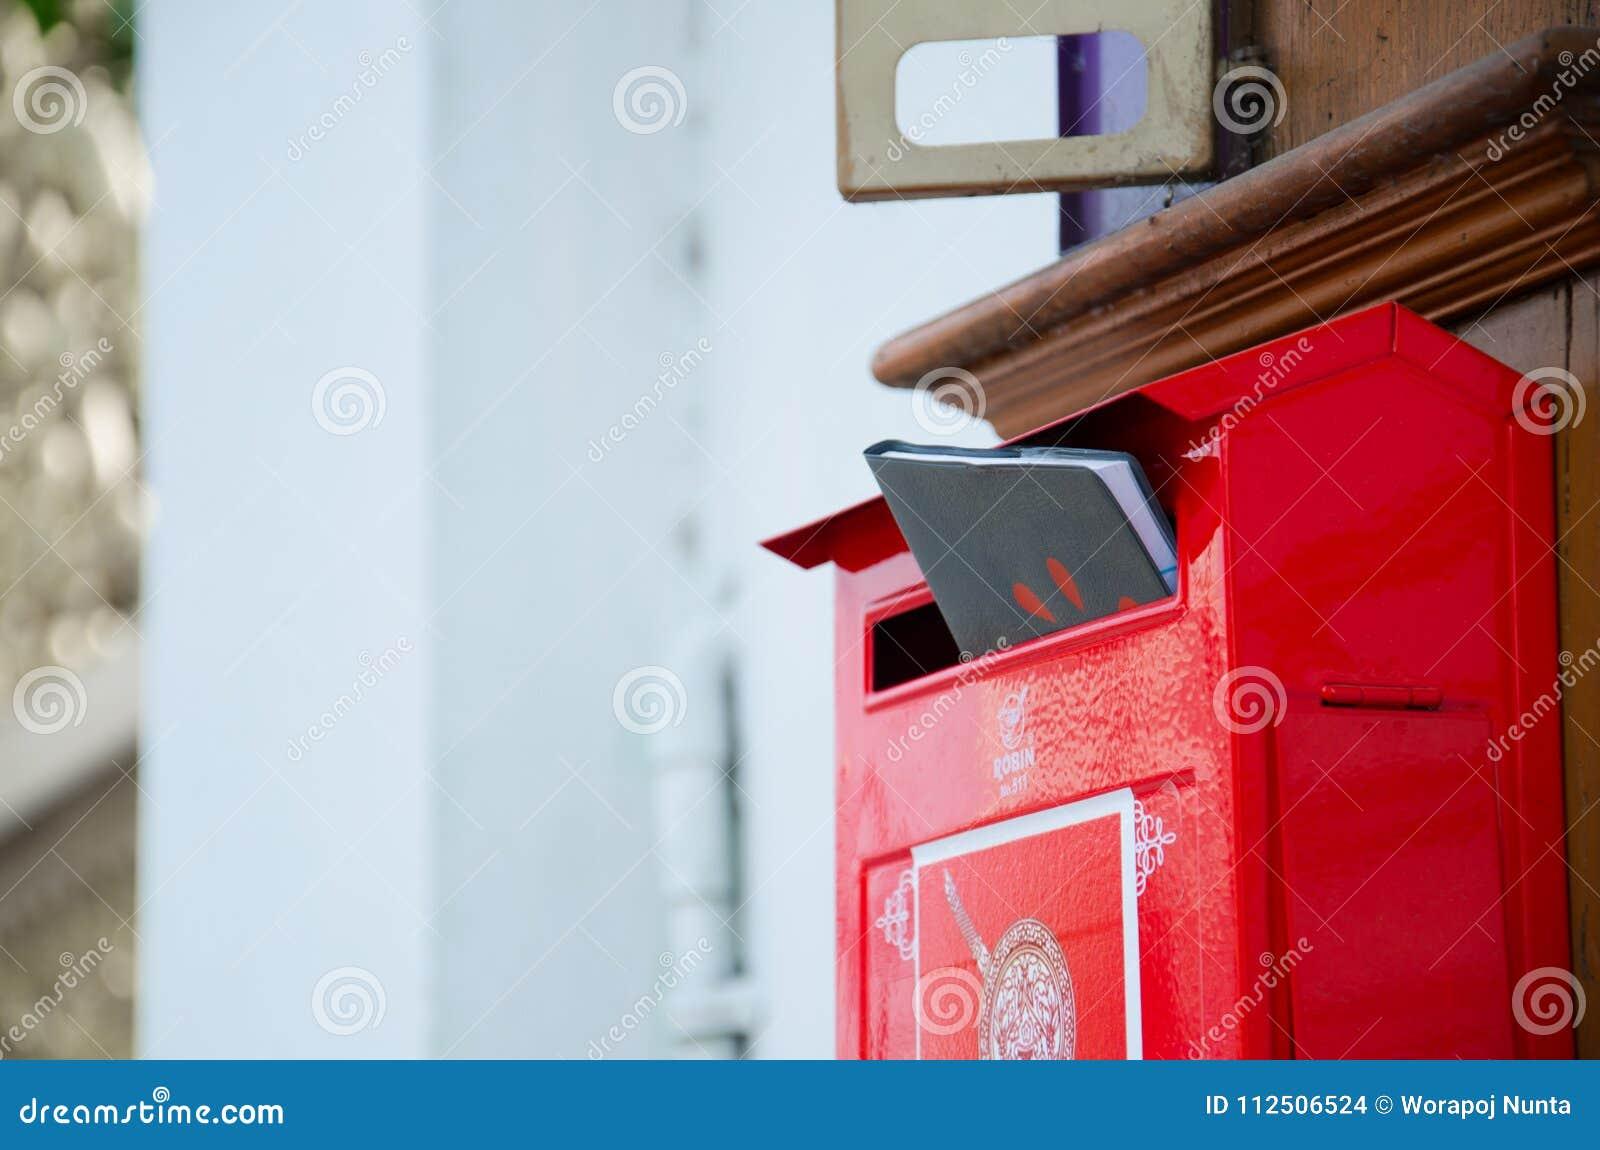 Caixa postal vermelha com livro